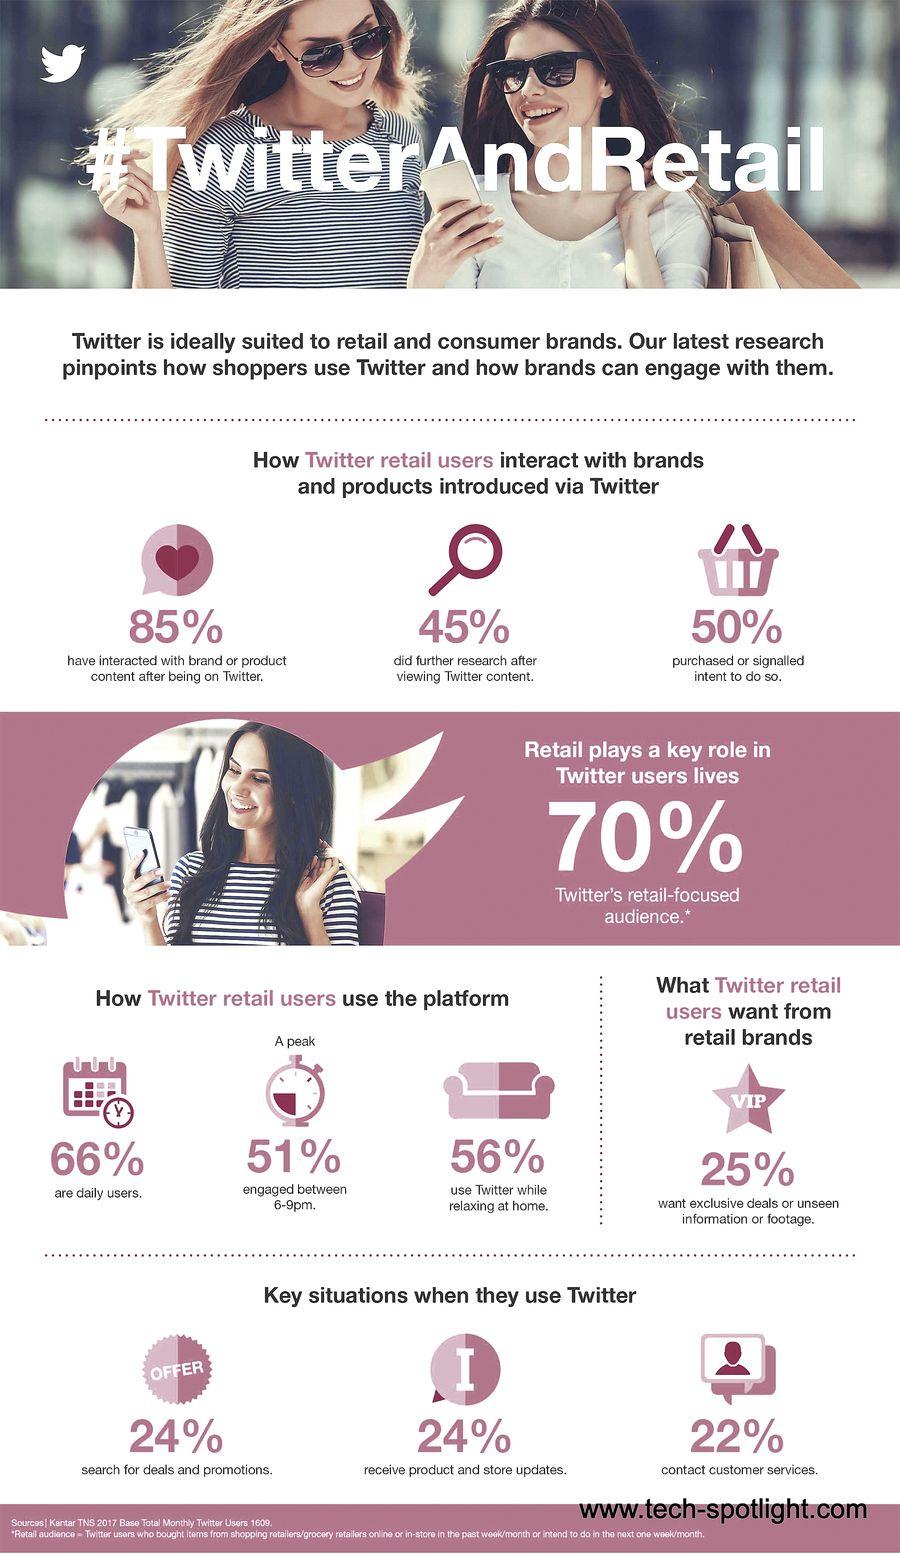 احصائيات التسويق الالكتروني والبيع بالتجزئة والدعاية على تويتر